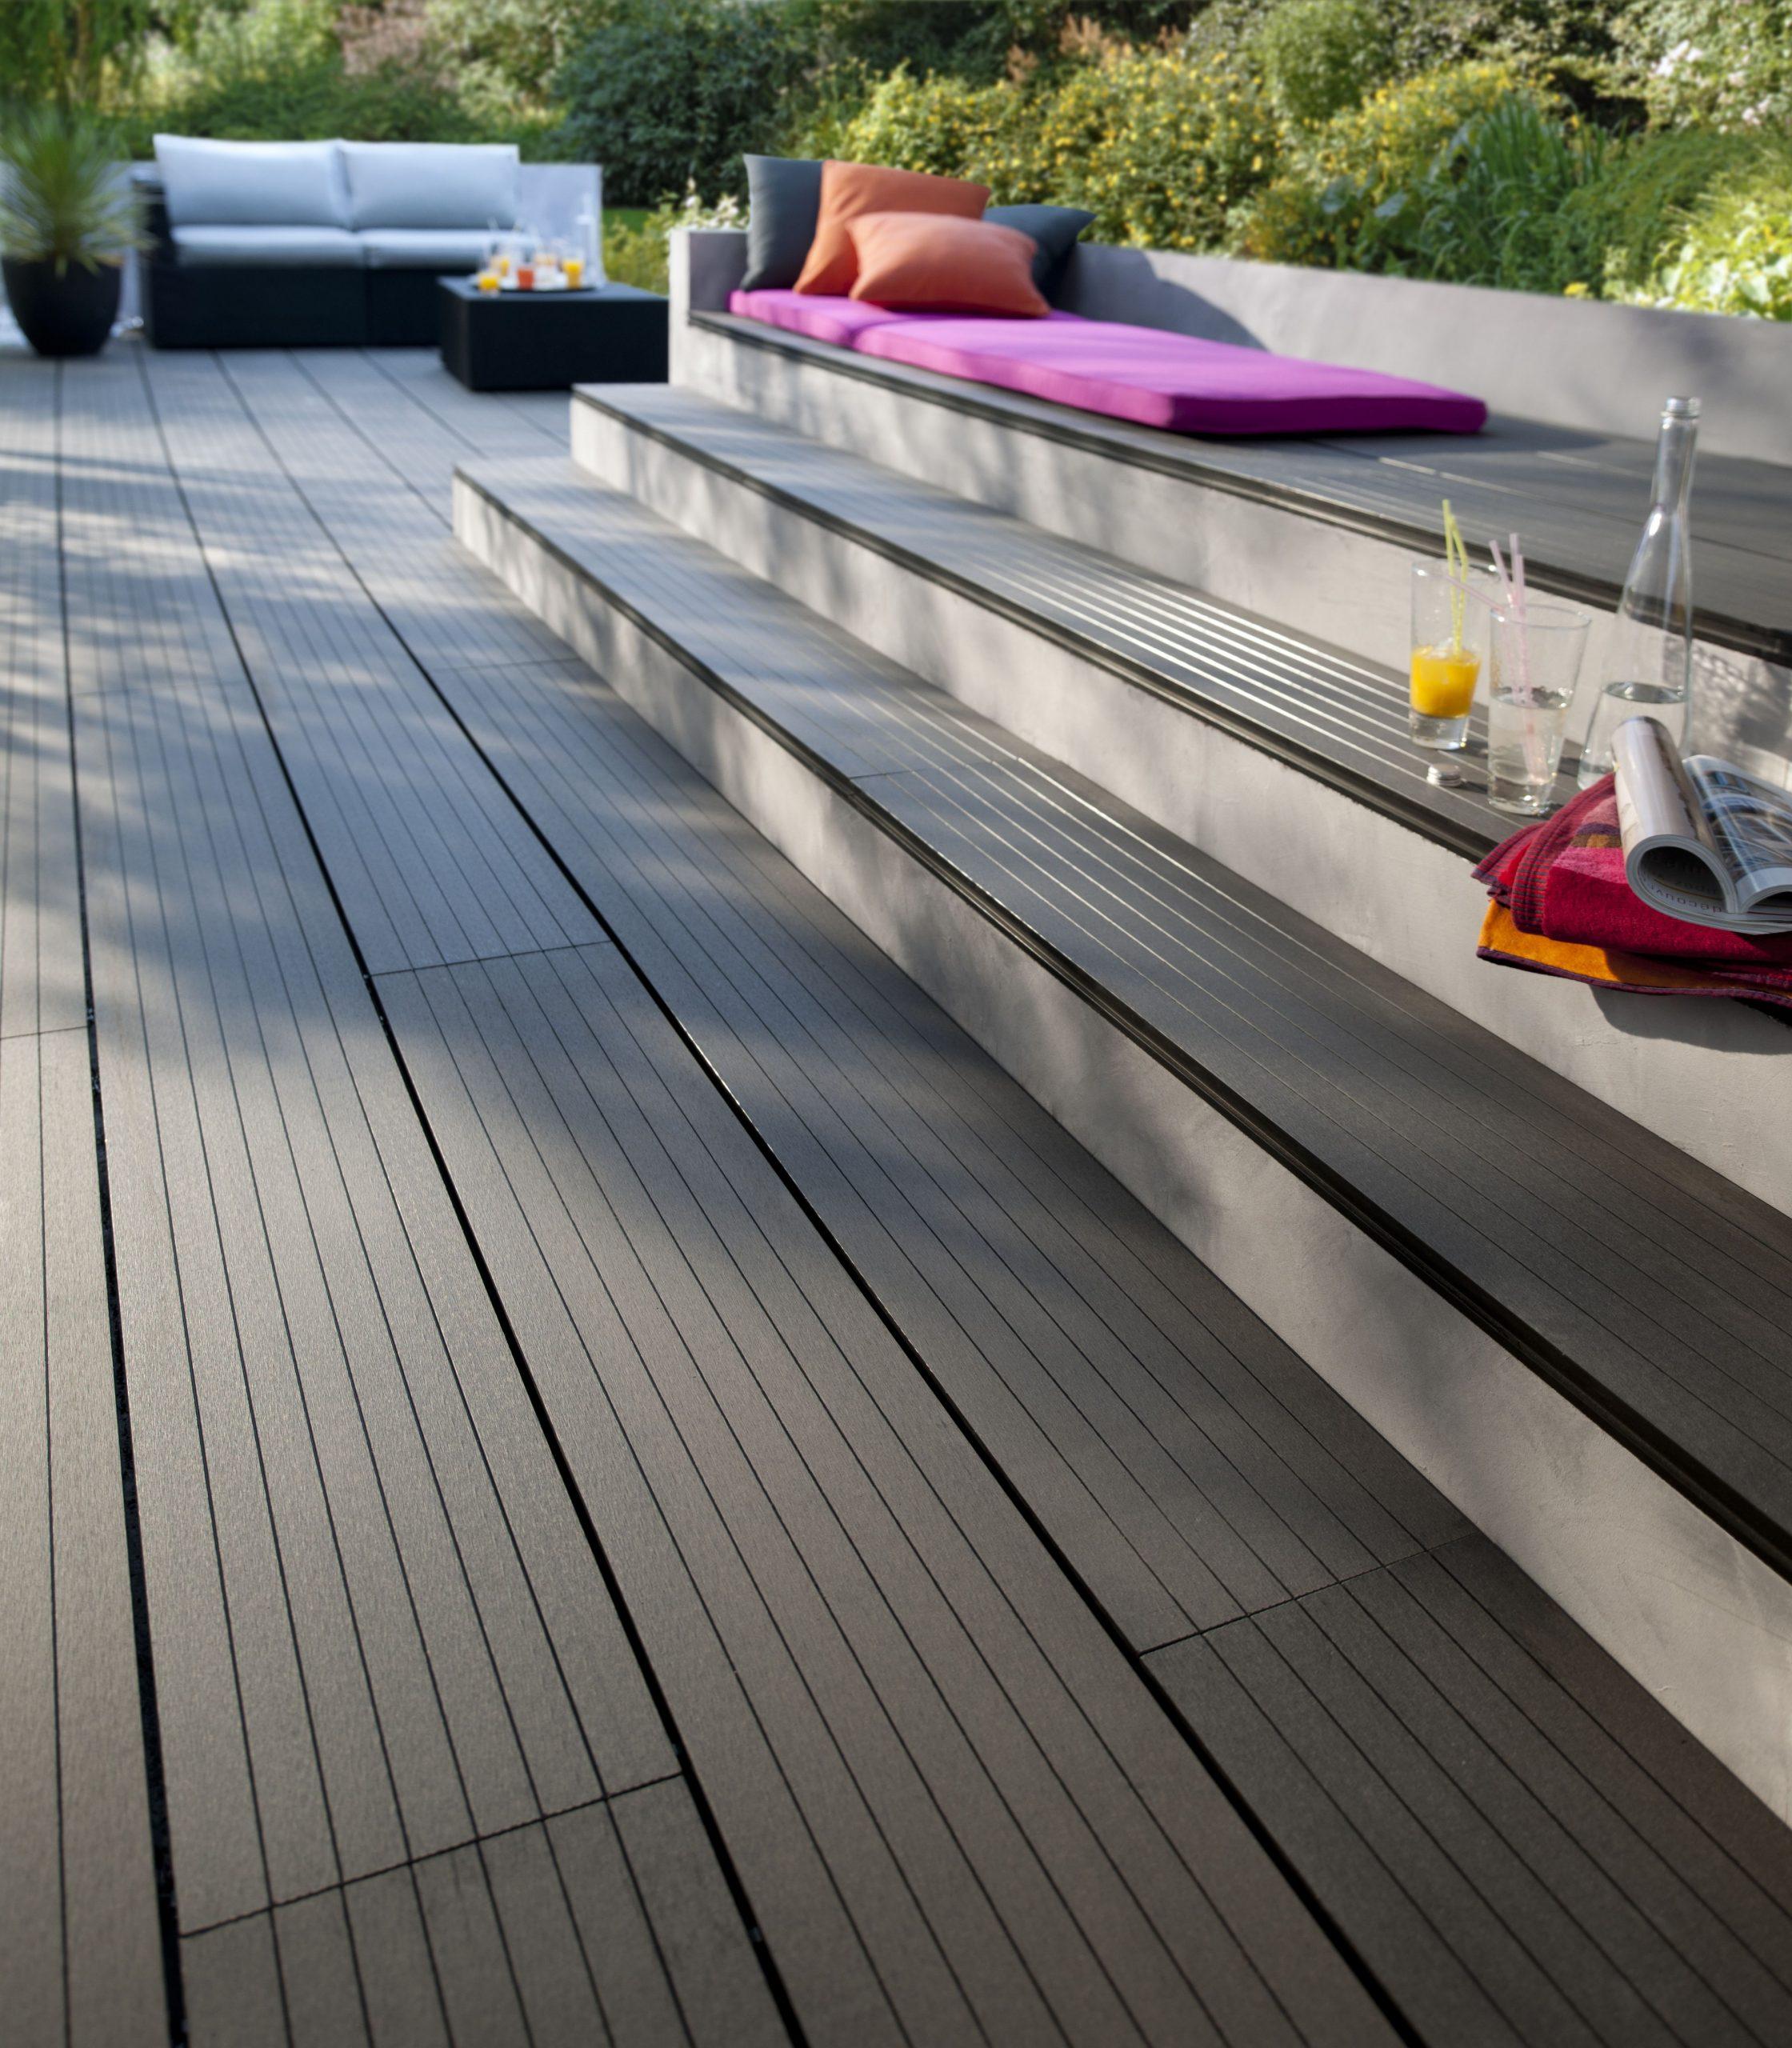 Terrasse En Composite | Revetement Terrasse, Revetement ... intérieur Carrelage Extérieur Imitation Teck